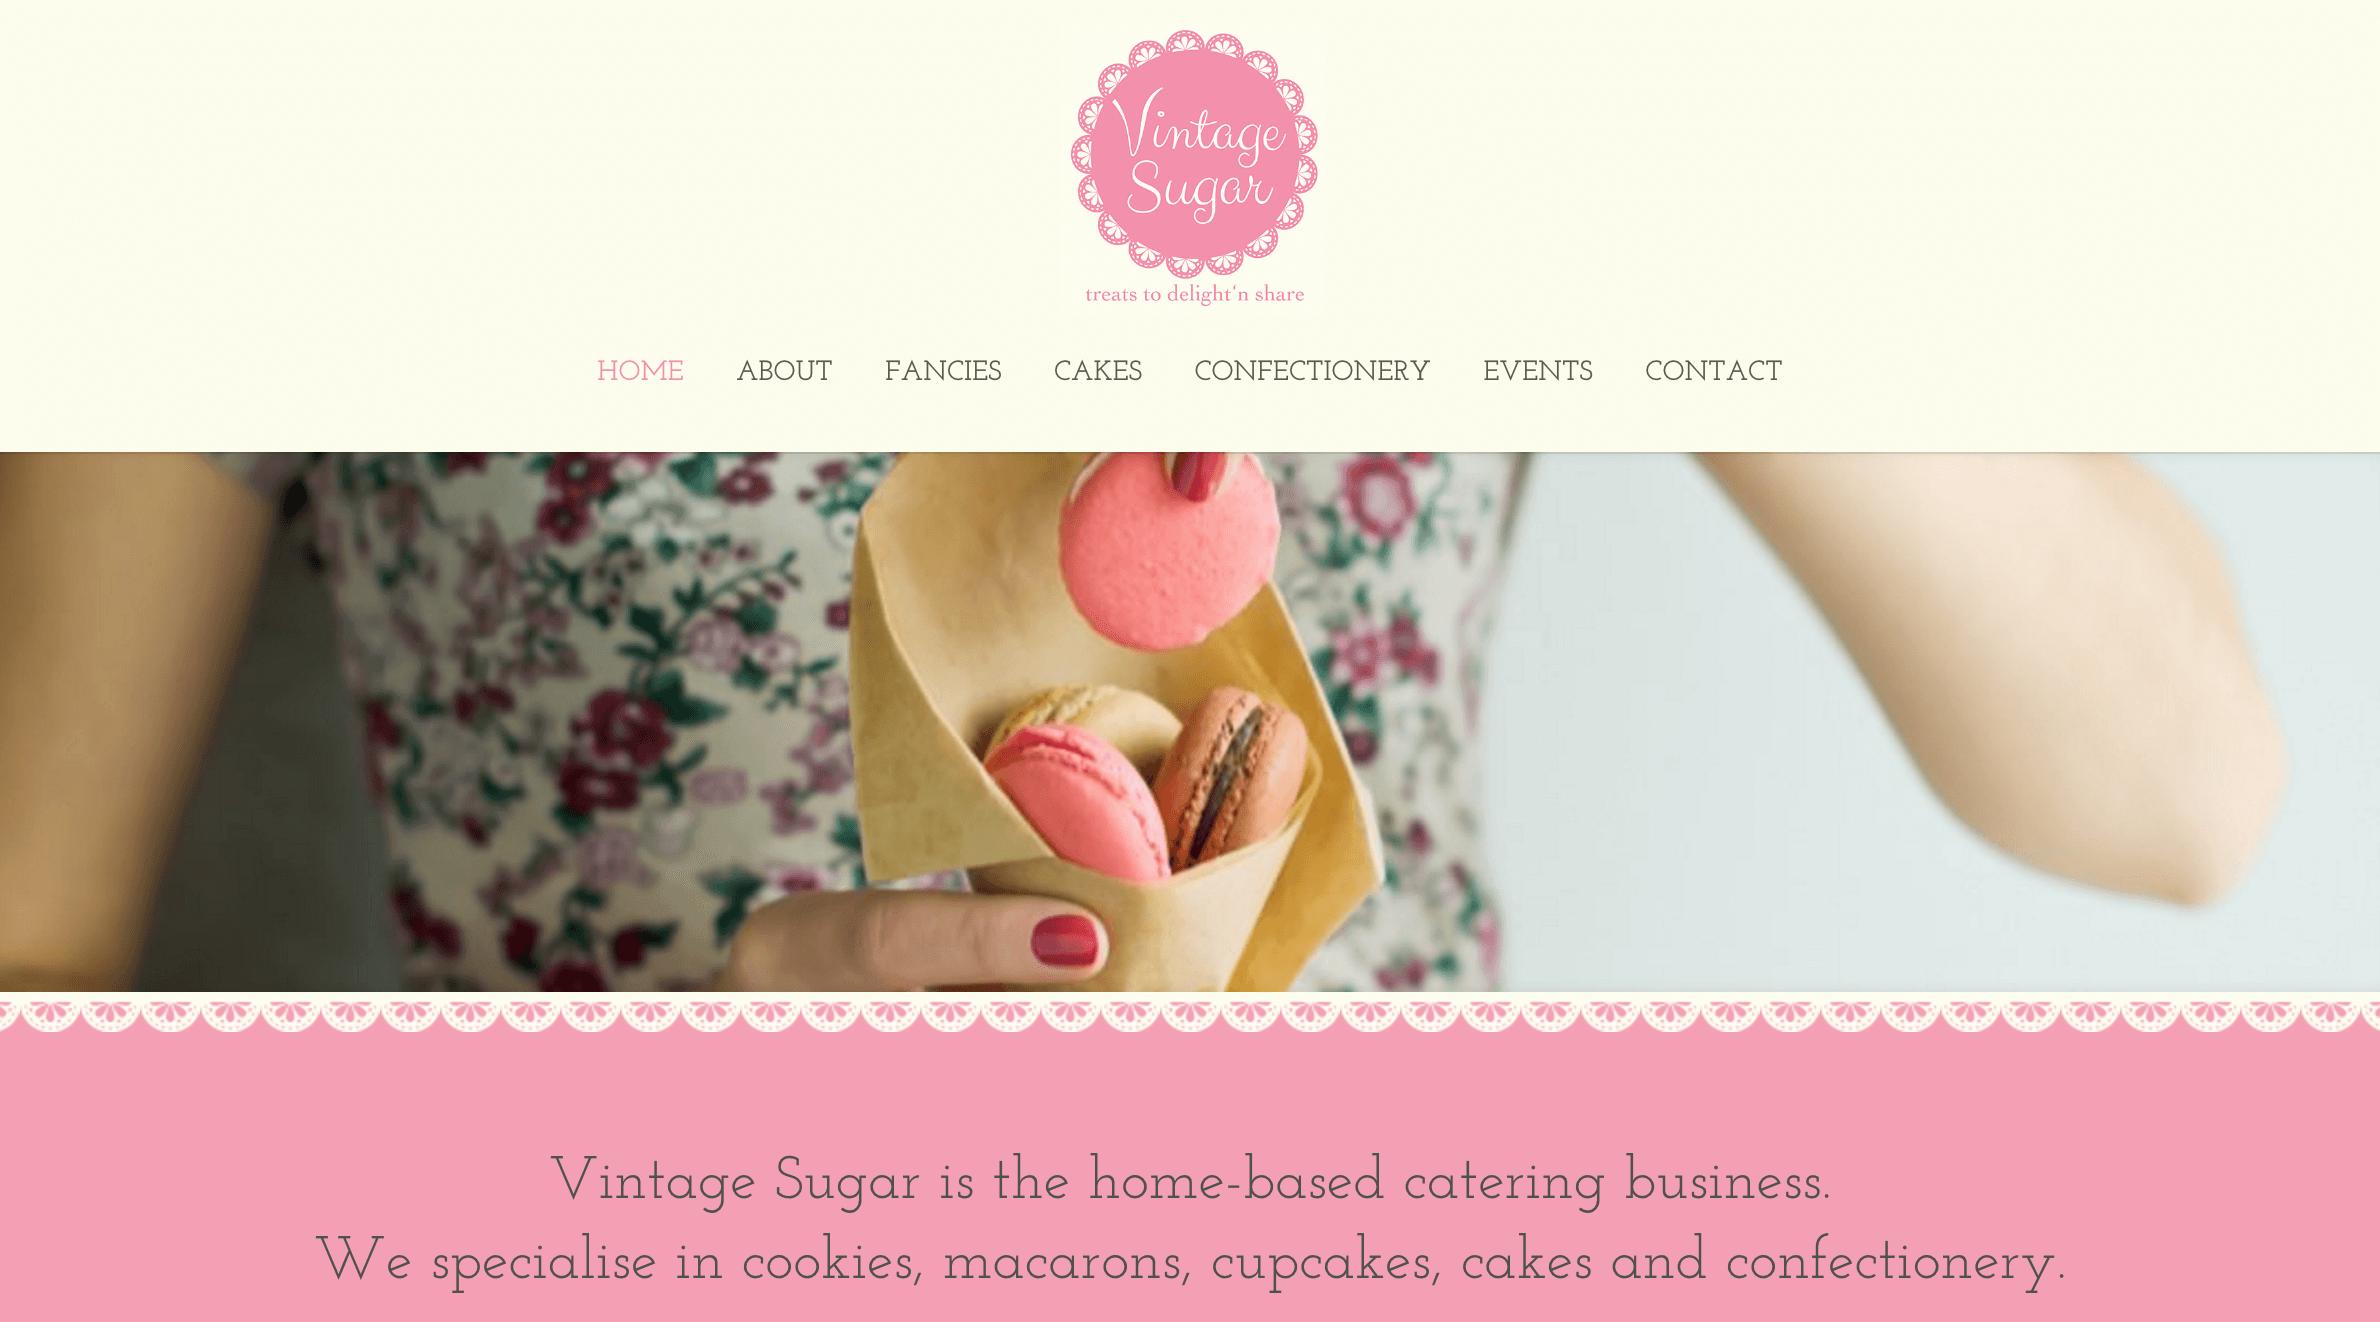 The Vintage Sugar homepage.